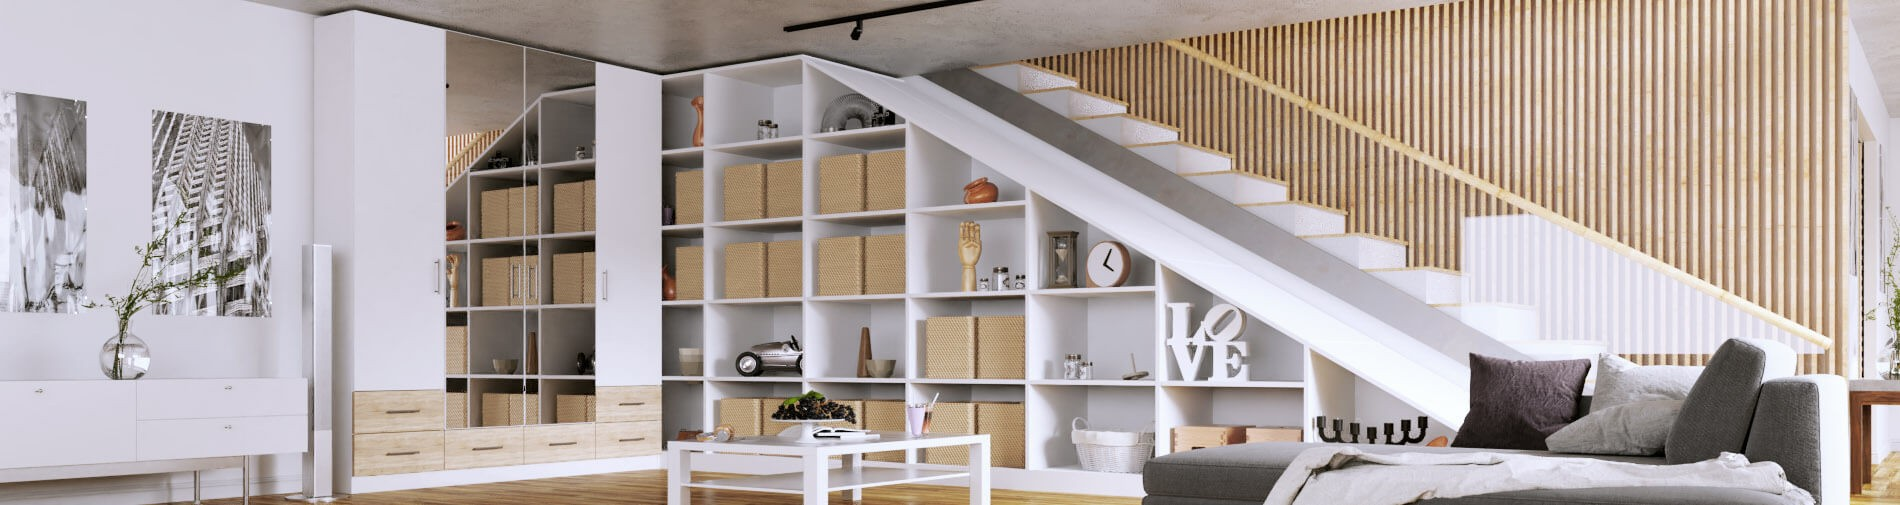 mein schrank meine ideen nach ma. Black Bedroom Furniture Sets. Home Design Ideas